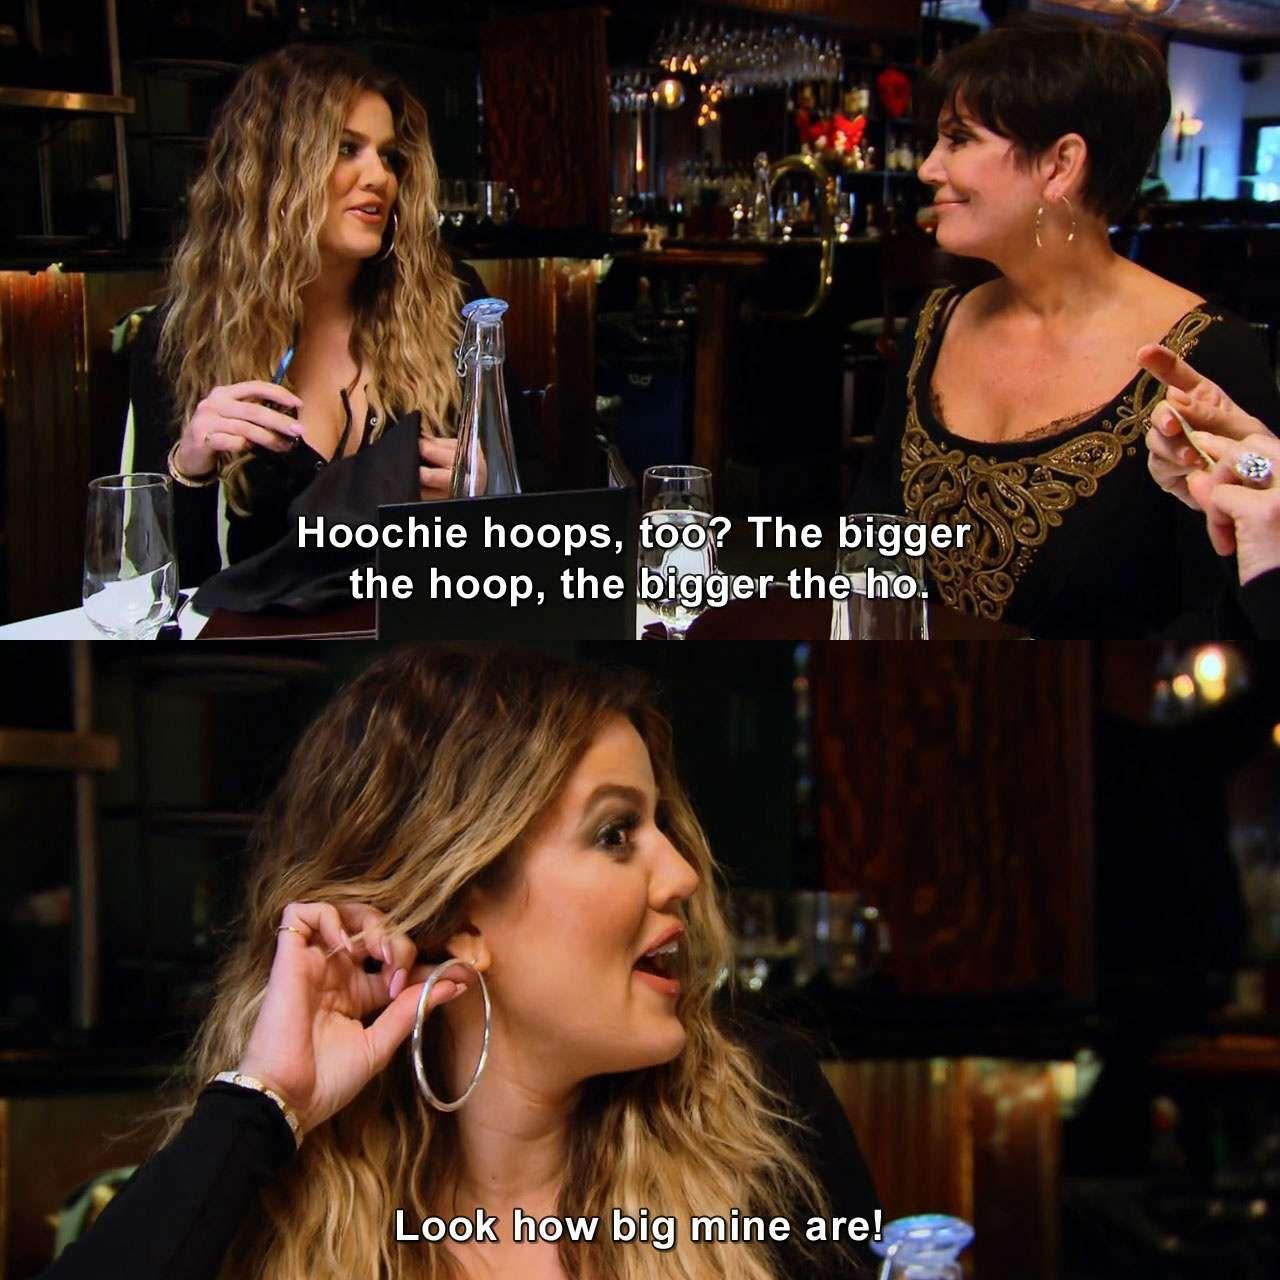 The Bigger The Hoop The Bigger The Ho Khloekardashian Keepingupwiththekardashians Tvquote Kardashian Funny Funny Kardashian Moments Kardashian Funny Quotes